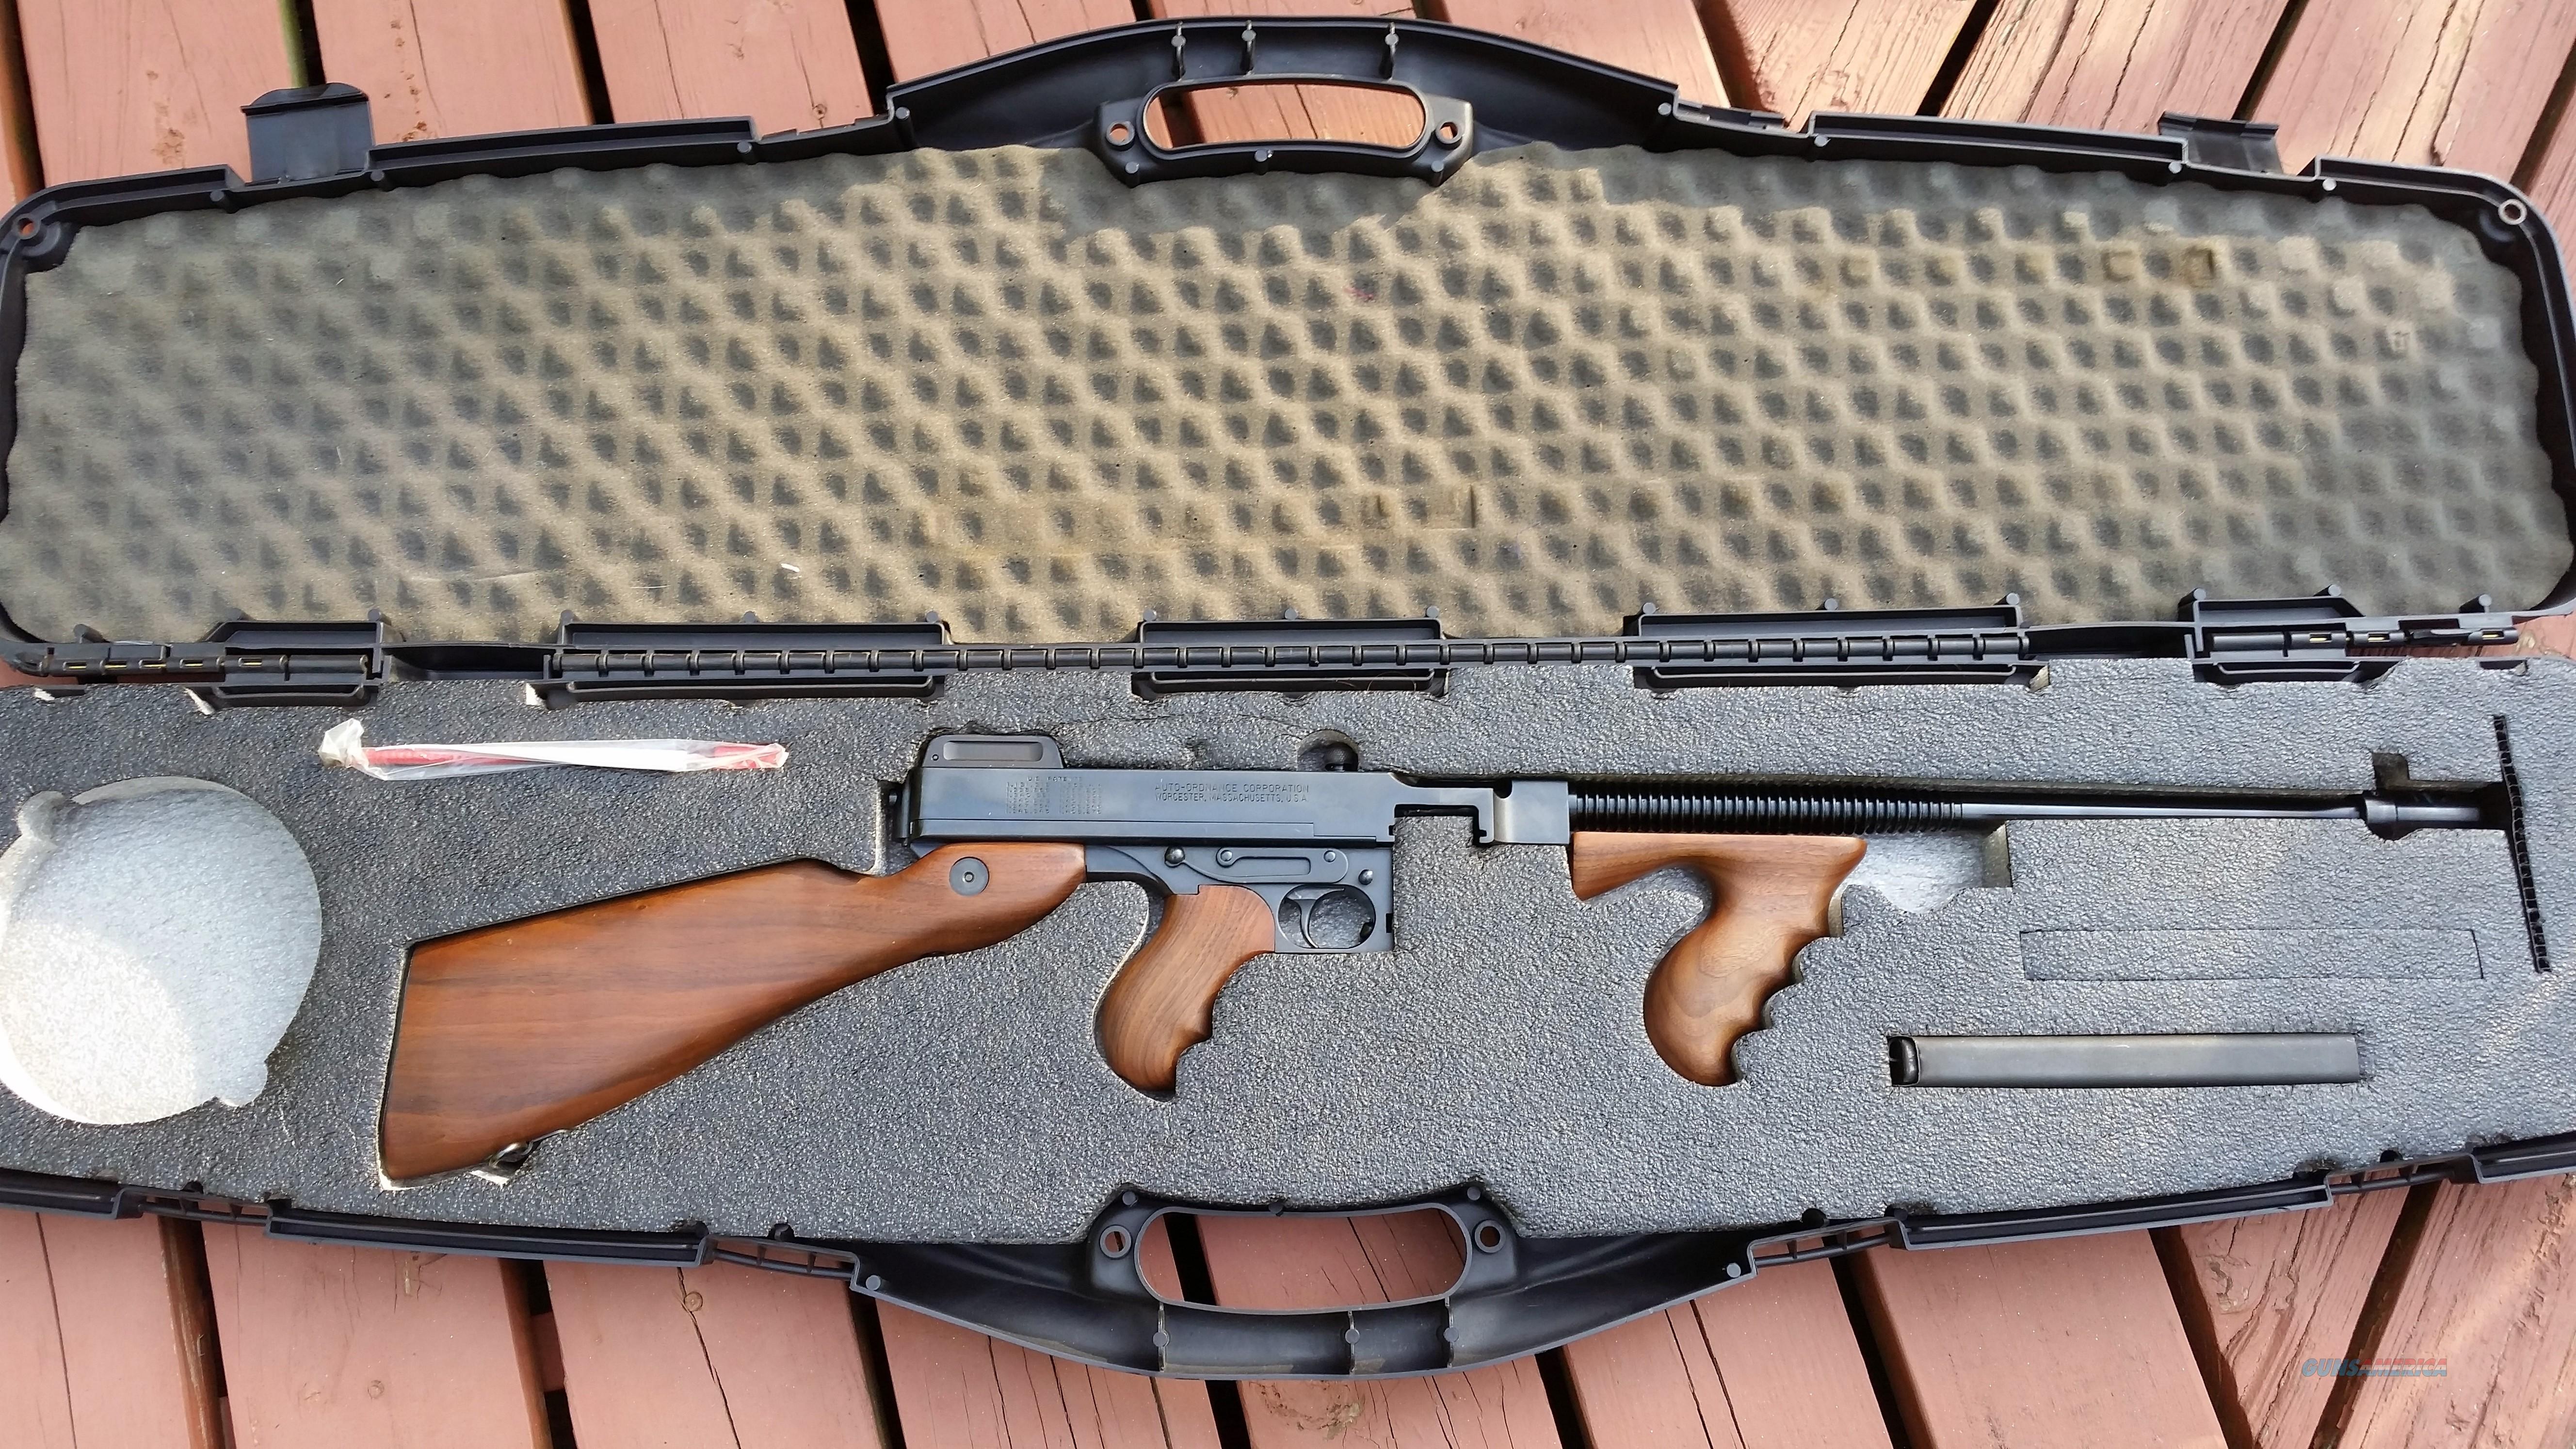 For Sale Auto Ordnance M1 Carbine Semi – Fondos de Pantalla